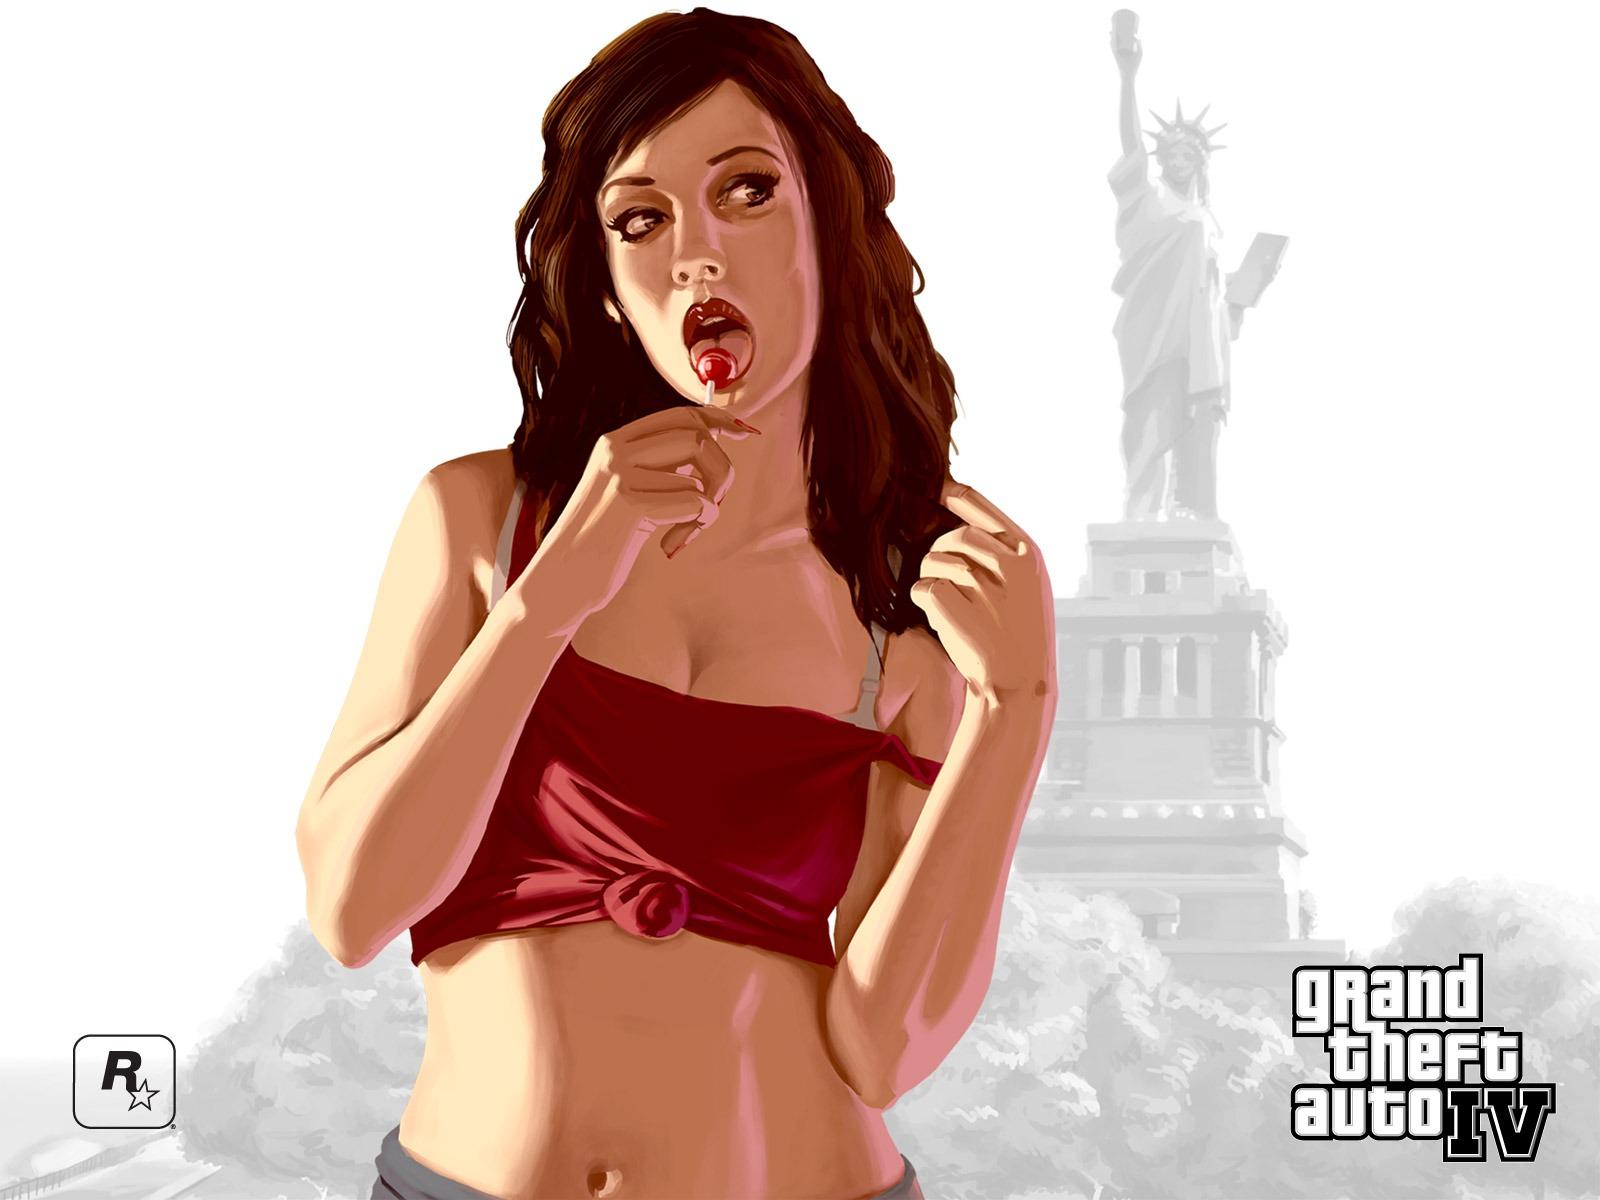 GTA IV Girl Wallpaper Gamebud 1600x1200